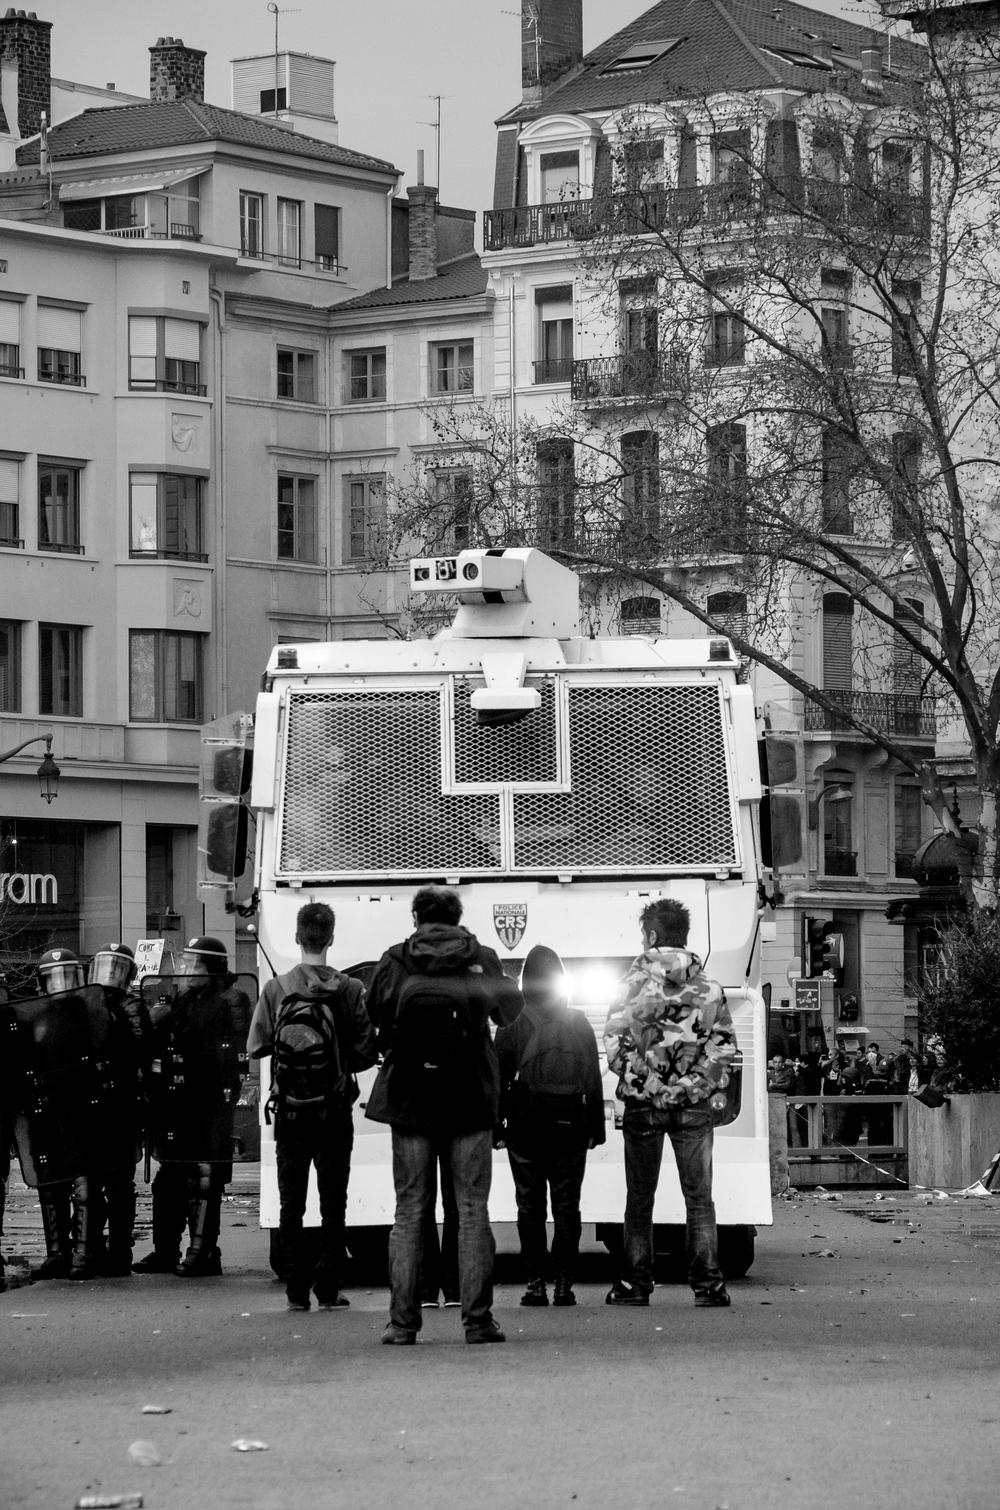 manifestation-loi-travail-31-mars-2016_26134872496_o.jpg